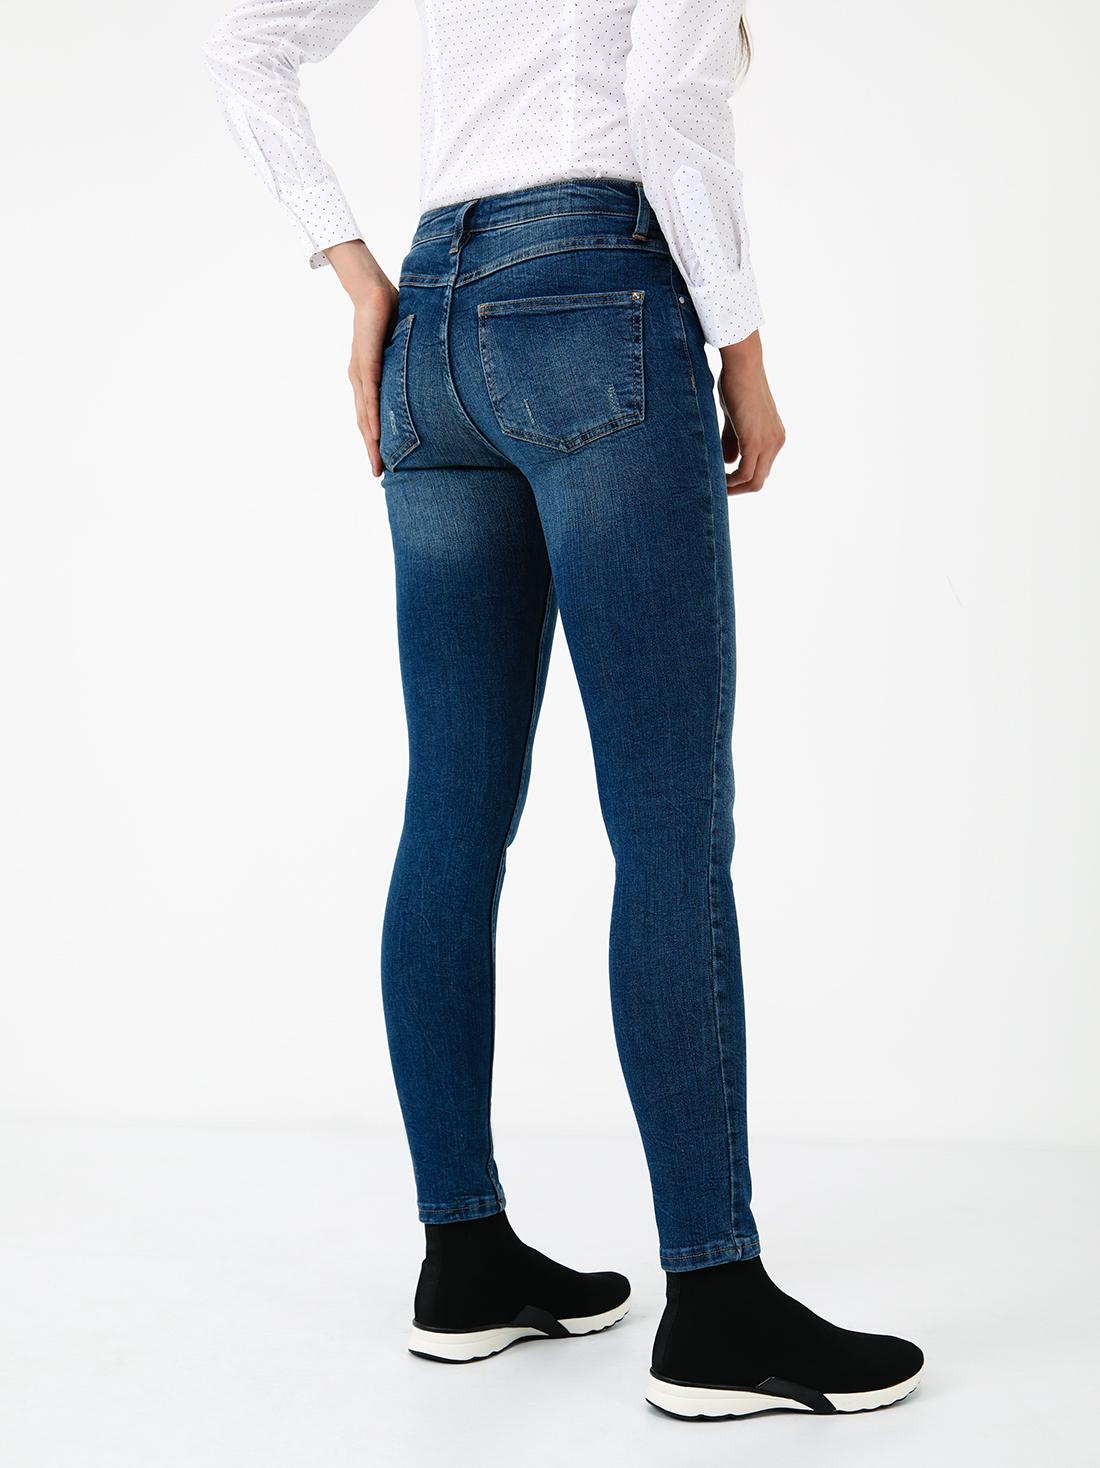 Укороченные джинсы слим фит